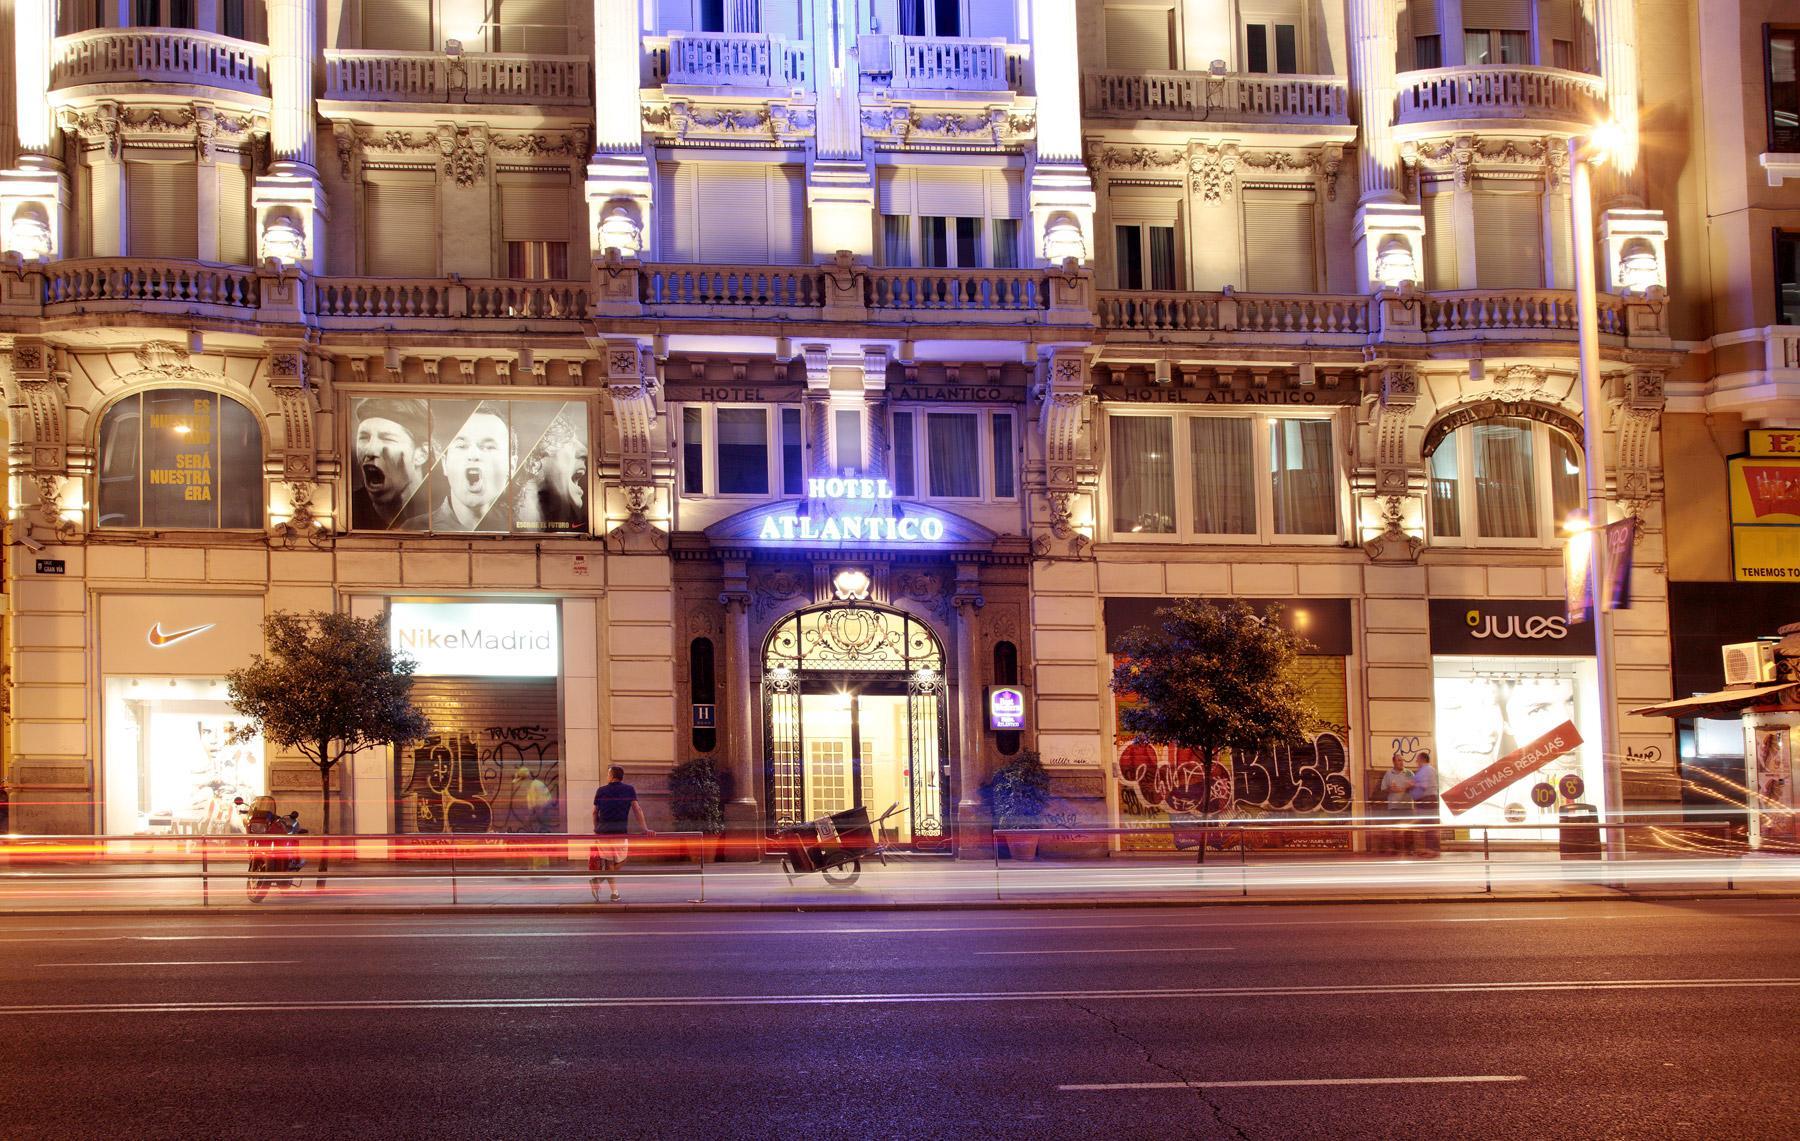 Atlantico Hotel Madrid Spain Book Atlantico Hotel Online